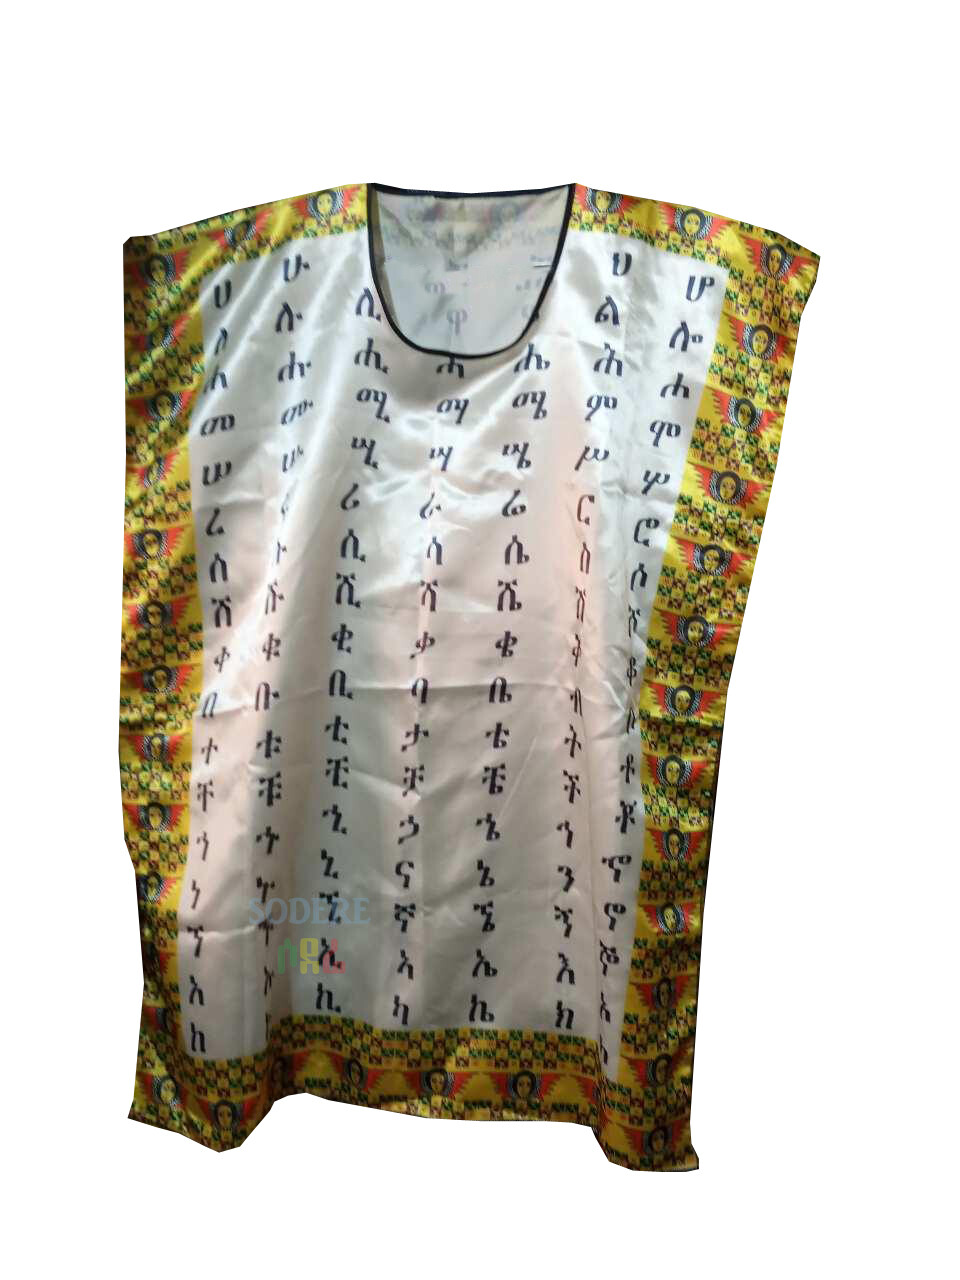 የአማርኛ ፊደሎች ያሉበት የሴቶች አላባሽ Amharic letter t-shirt for women